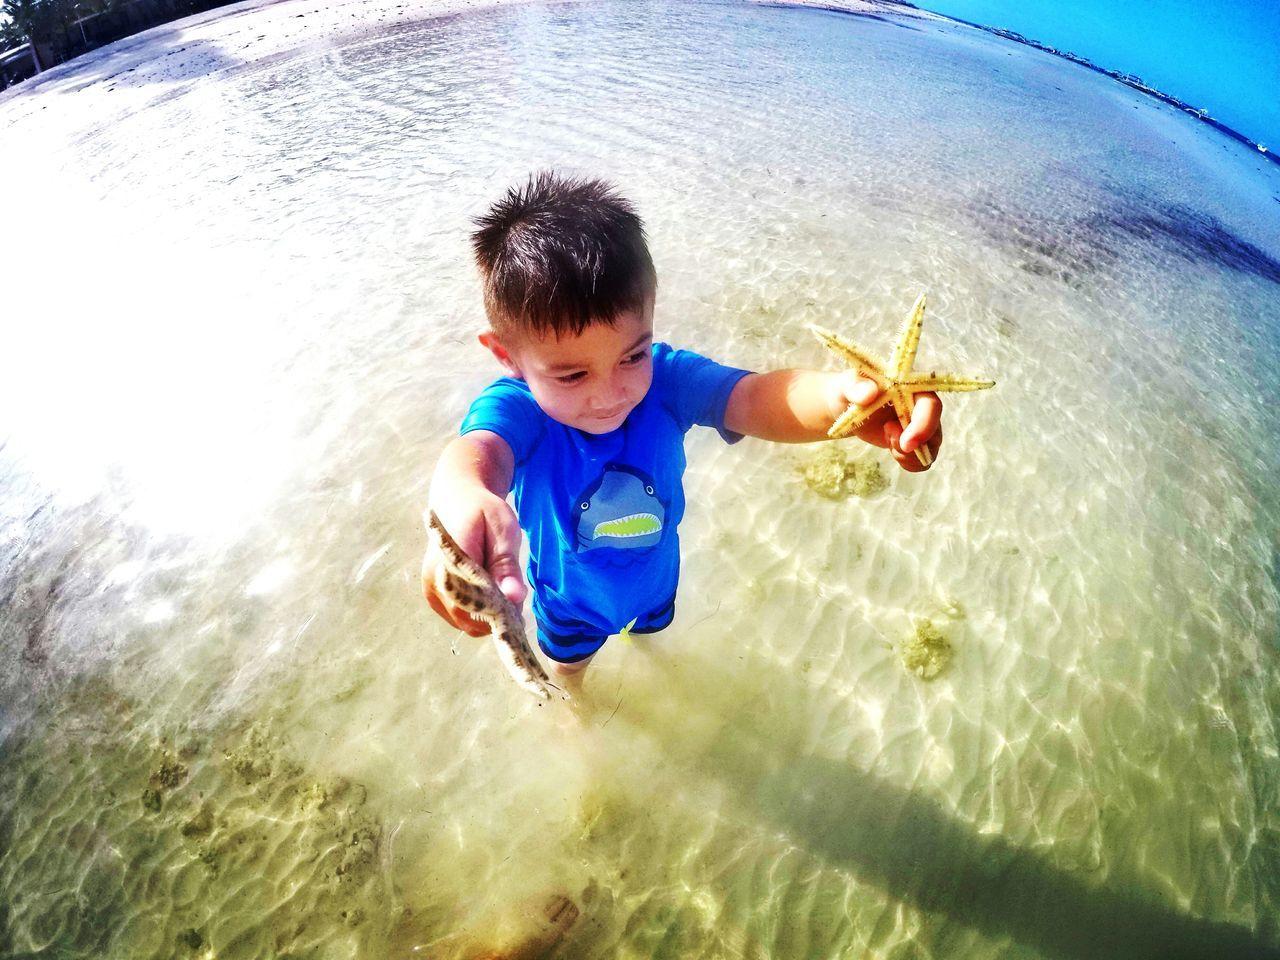 Beach Beachphotography Child Starfish At Beach Enjoylife Cheerful Day Happinessishere MyEyemPhoto Philippine Islands Philippinesbeaches Sky